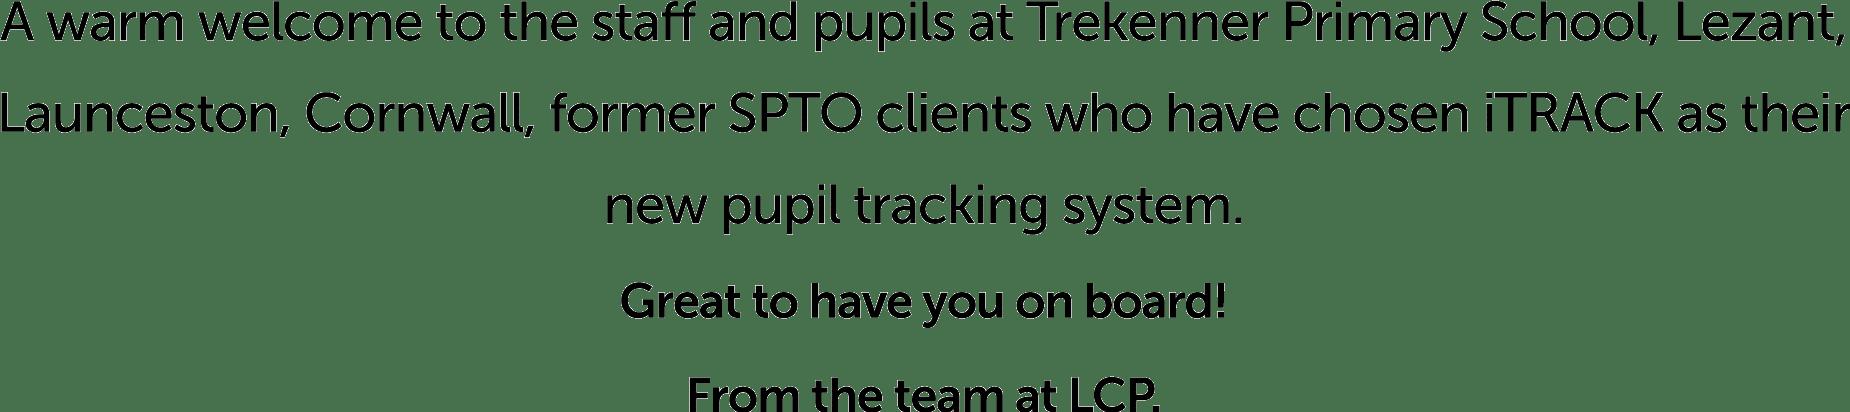 lcp-trekenner-slider-text